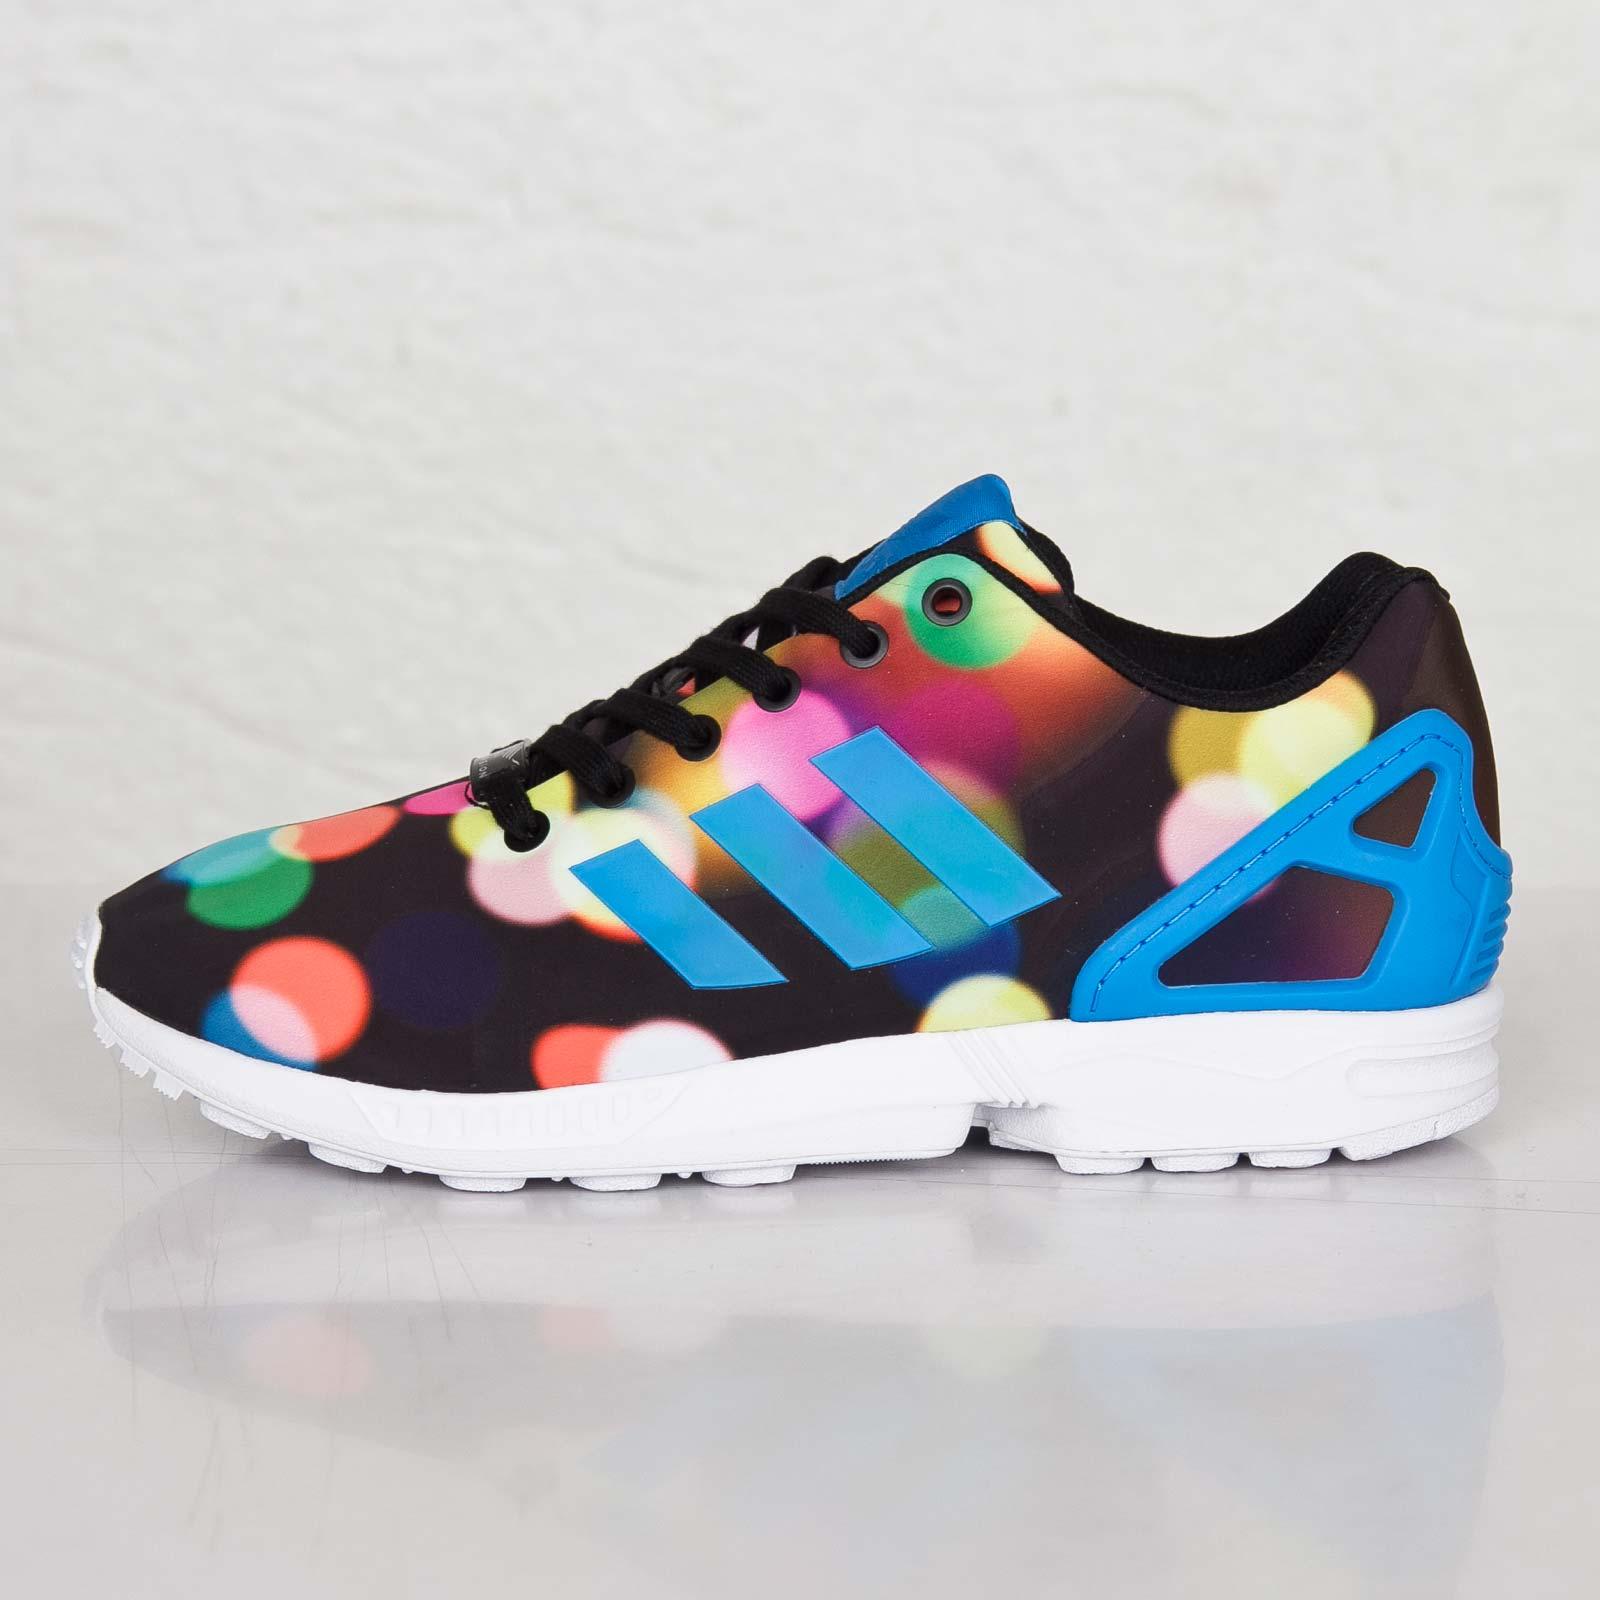 adidas ZX Flux - B23984 - SNS | sneakers & streetwear en ligne ...